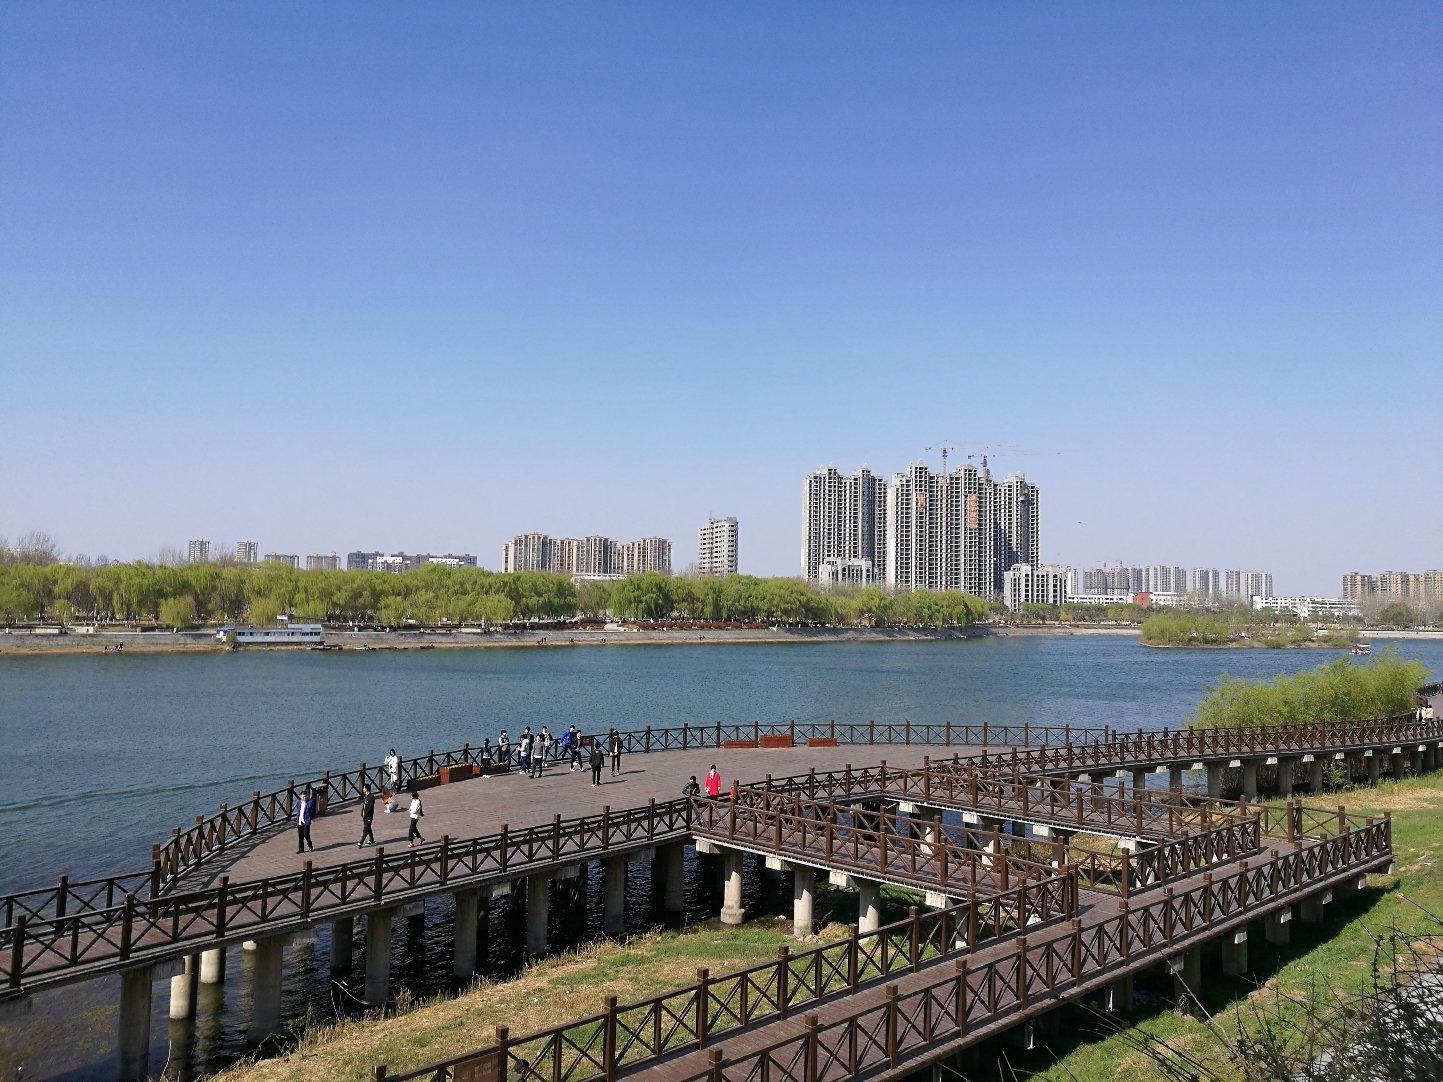 河南省漯河市郾城区沙北街道沙澧河风景区天气预报